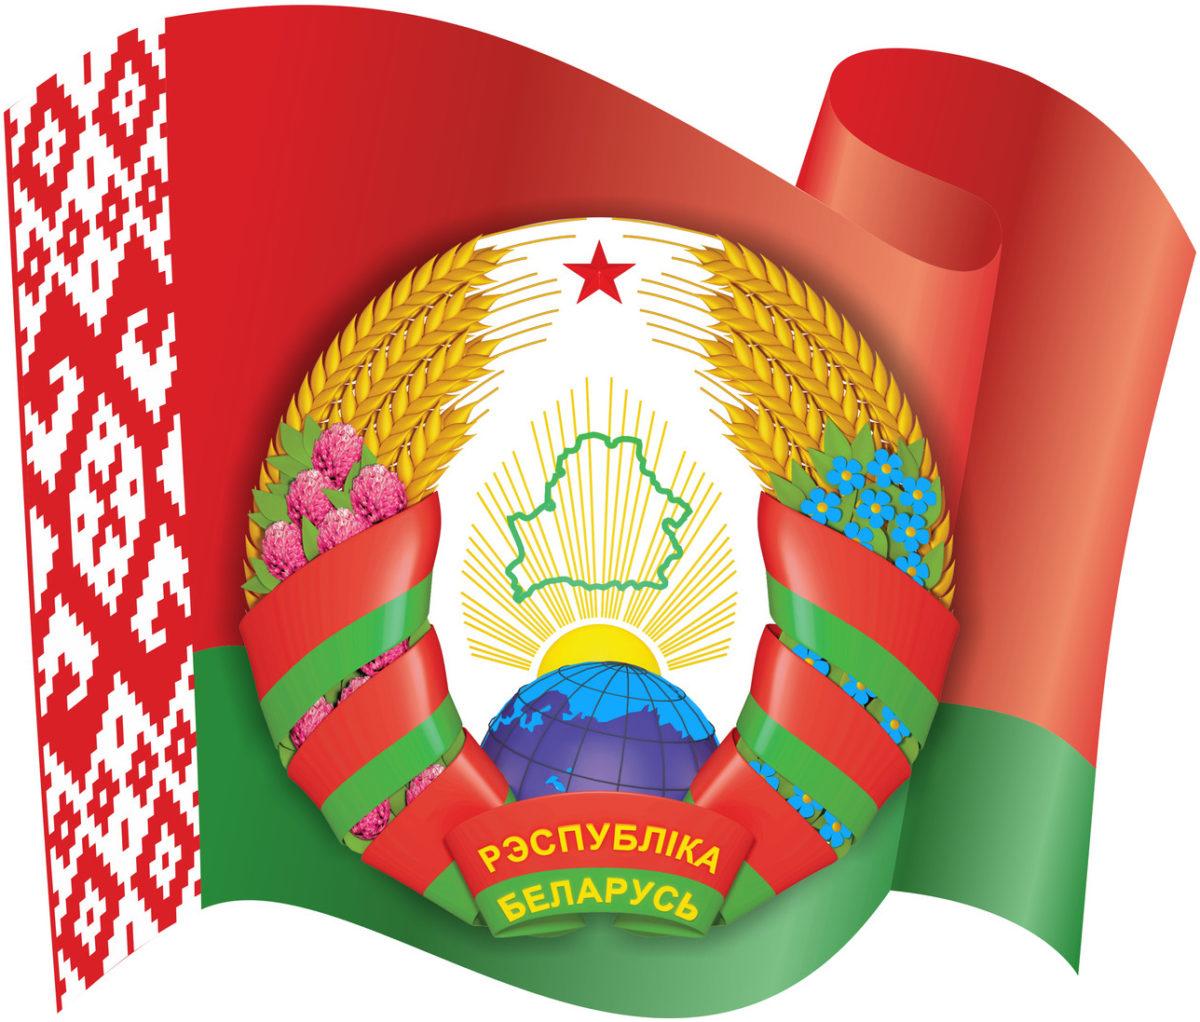 Герб белоруссии картинки в хорошем качестве почки, разрезать